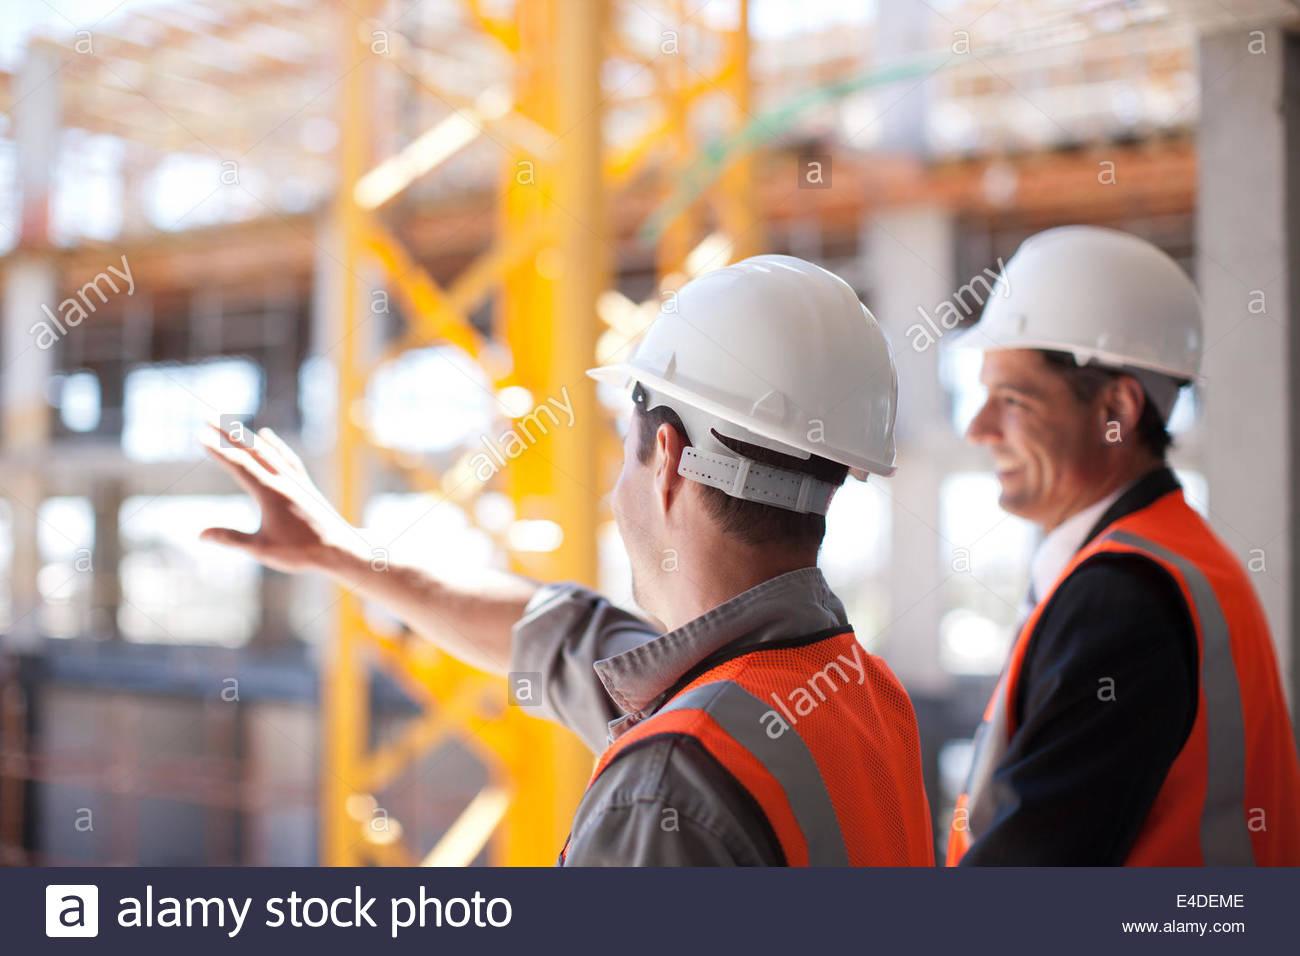 Bauarbeiter arbeiten auf der Baustelle Stockfoto